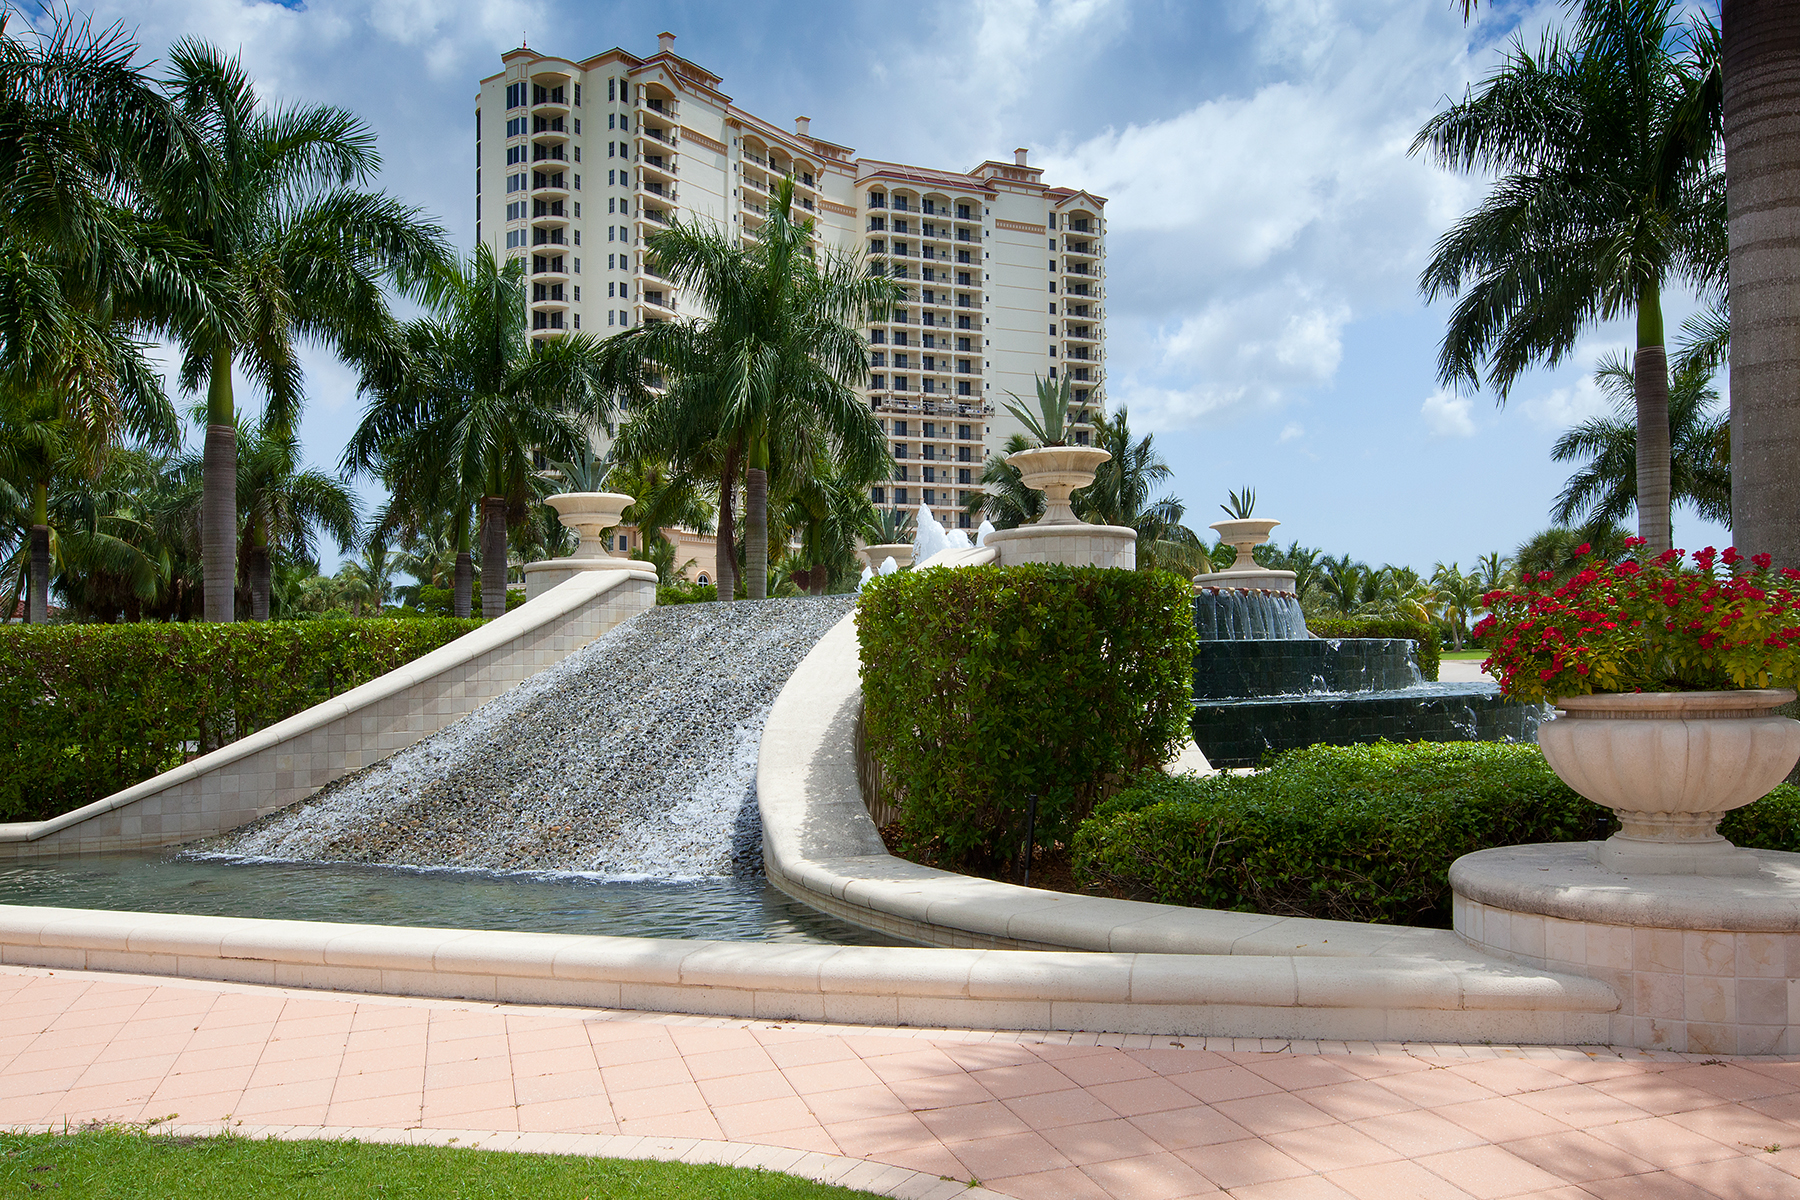 Eigentumswohnung für Verkauf beim HAMMOCK BAY 1050 Borghese Ln 302, Naples, Florida, 34114 Vereinigte Staaten